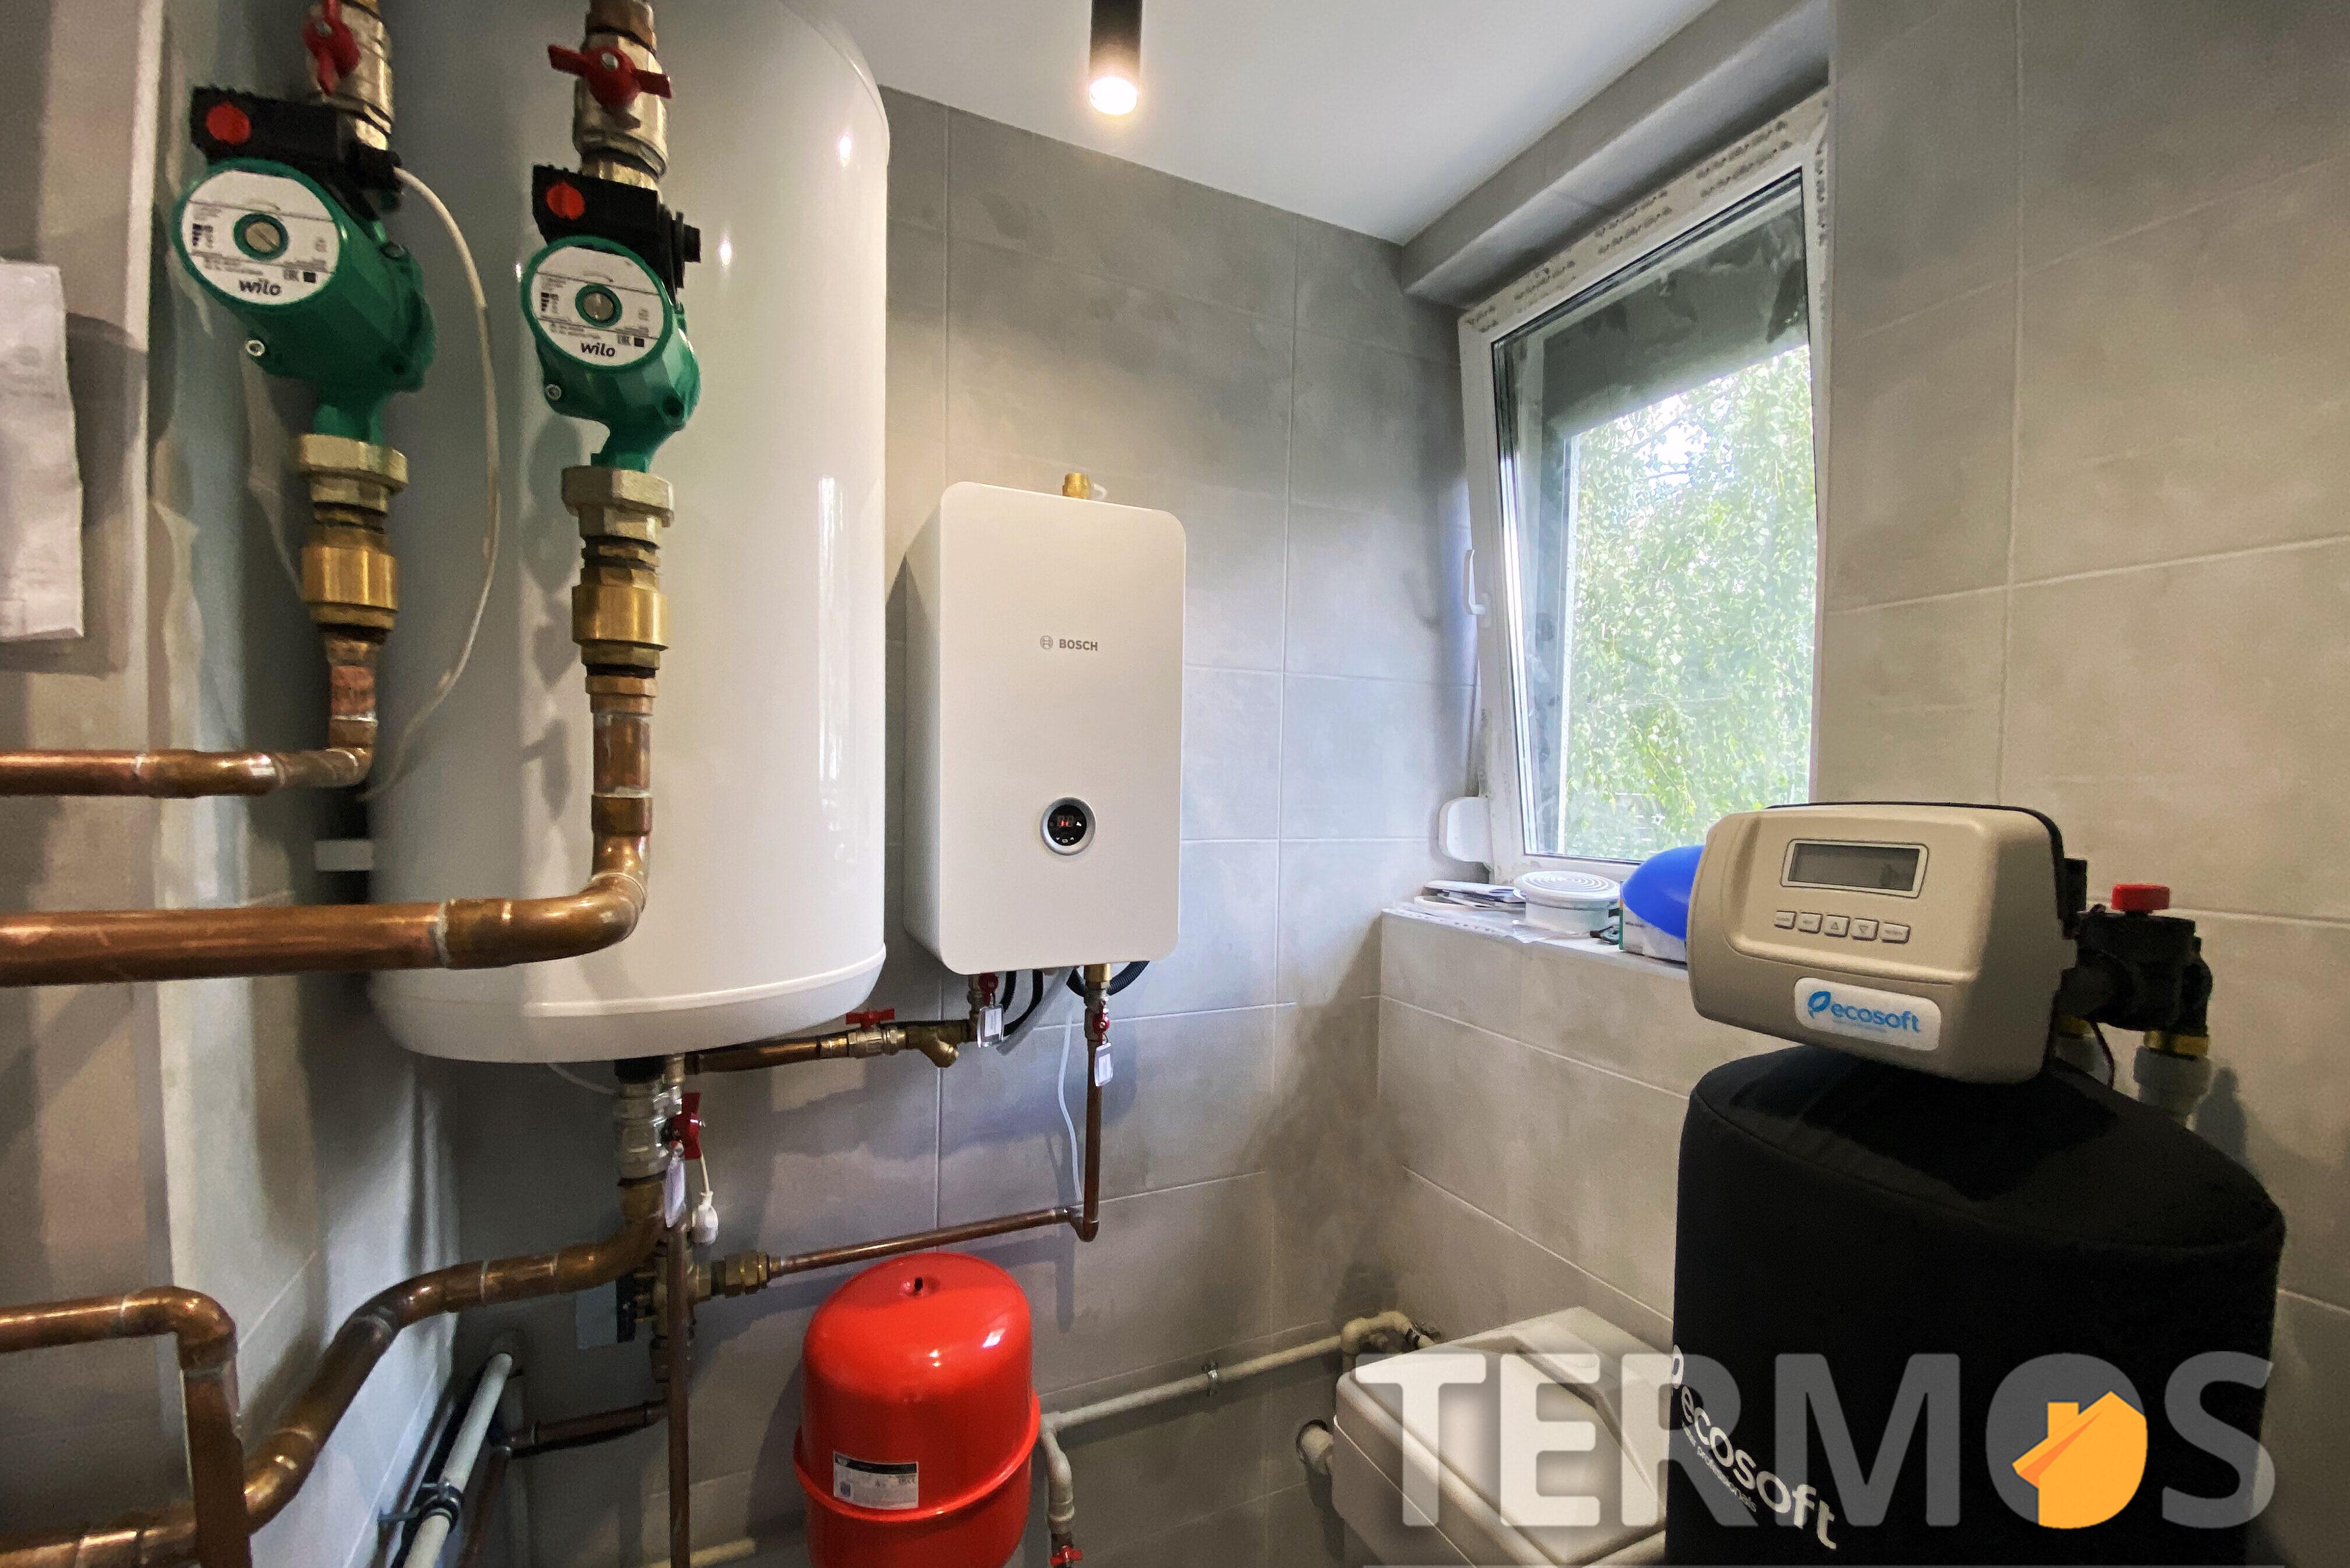 Дом 160 кв м. Система отопления на электрическом котле Bosch 15  кВт, с предусмотренным дальнешим подключением воздушного реверсивного теплового насоса холод/тепло